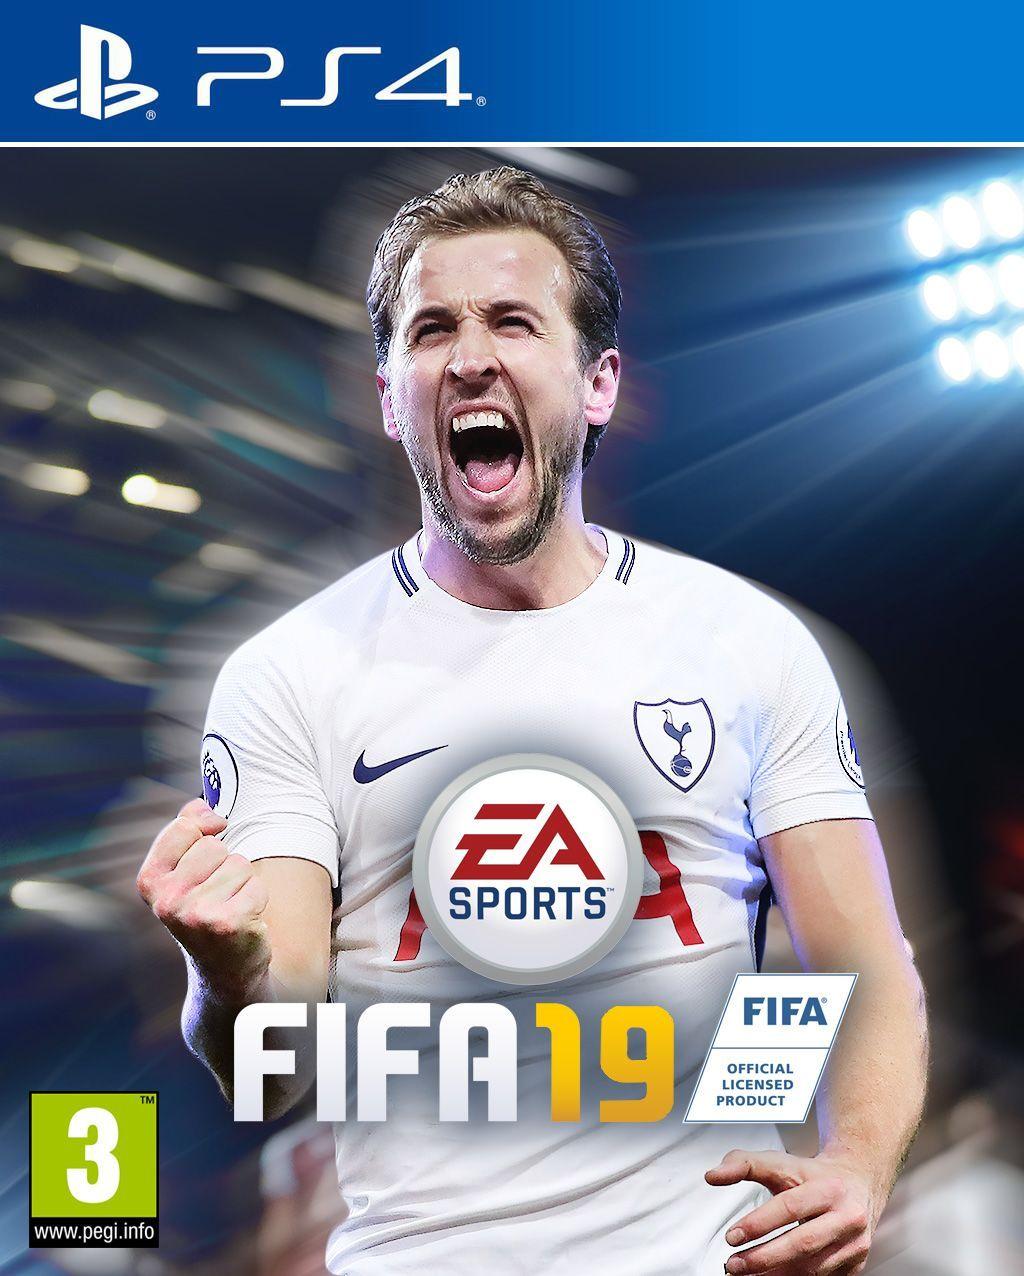 FIFA 19 cover stars Fifa, Fifa ps4, Football love